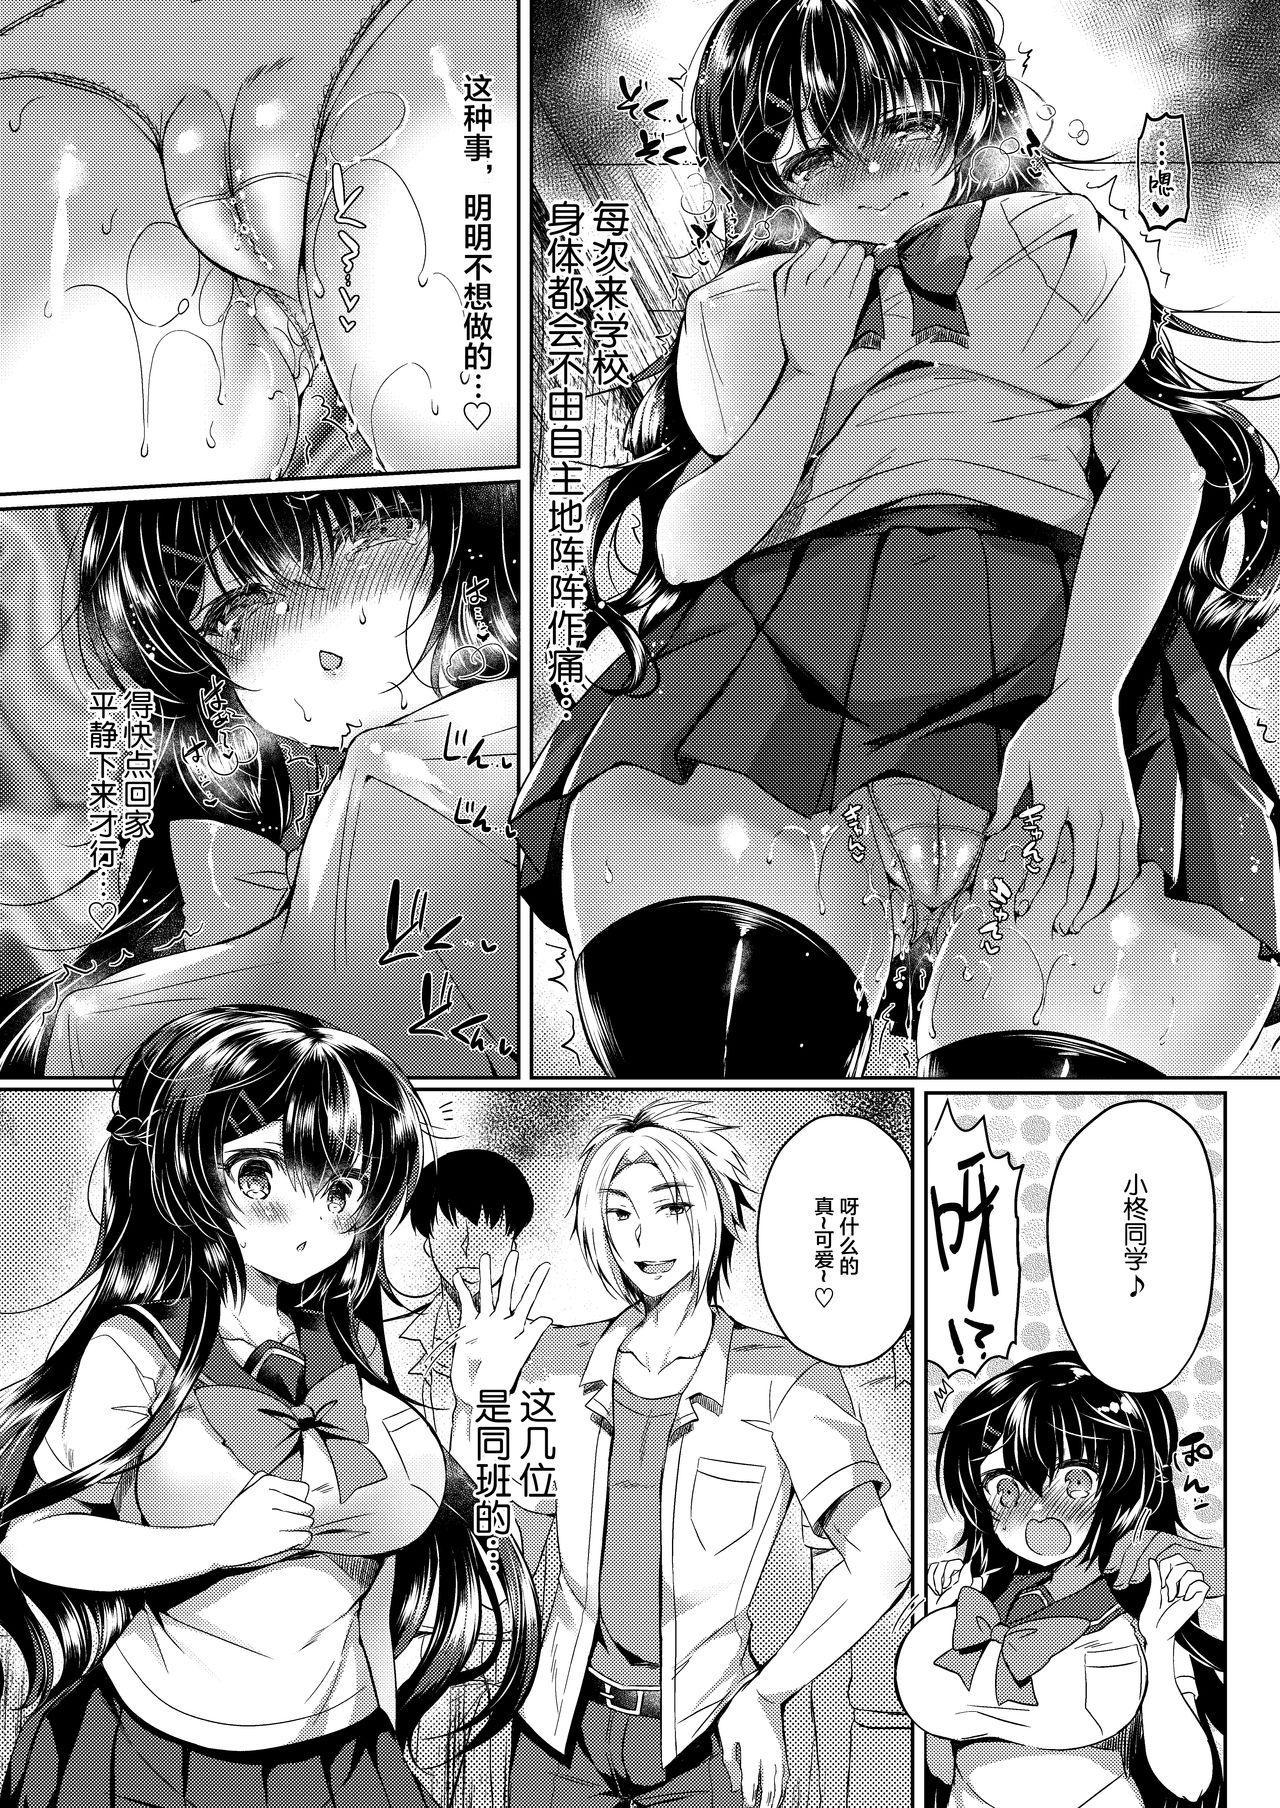 Seitokaichou o Tokoton Ikasemakuru Hanashi 5